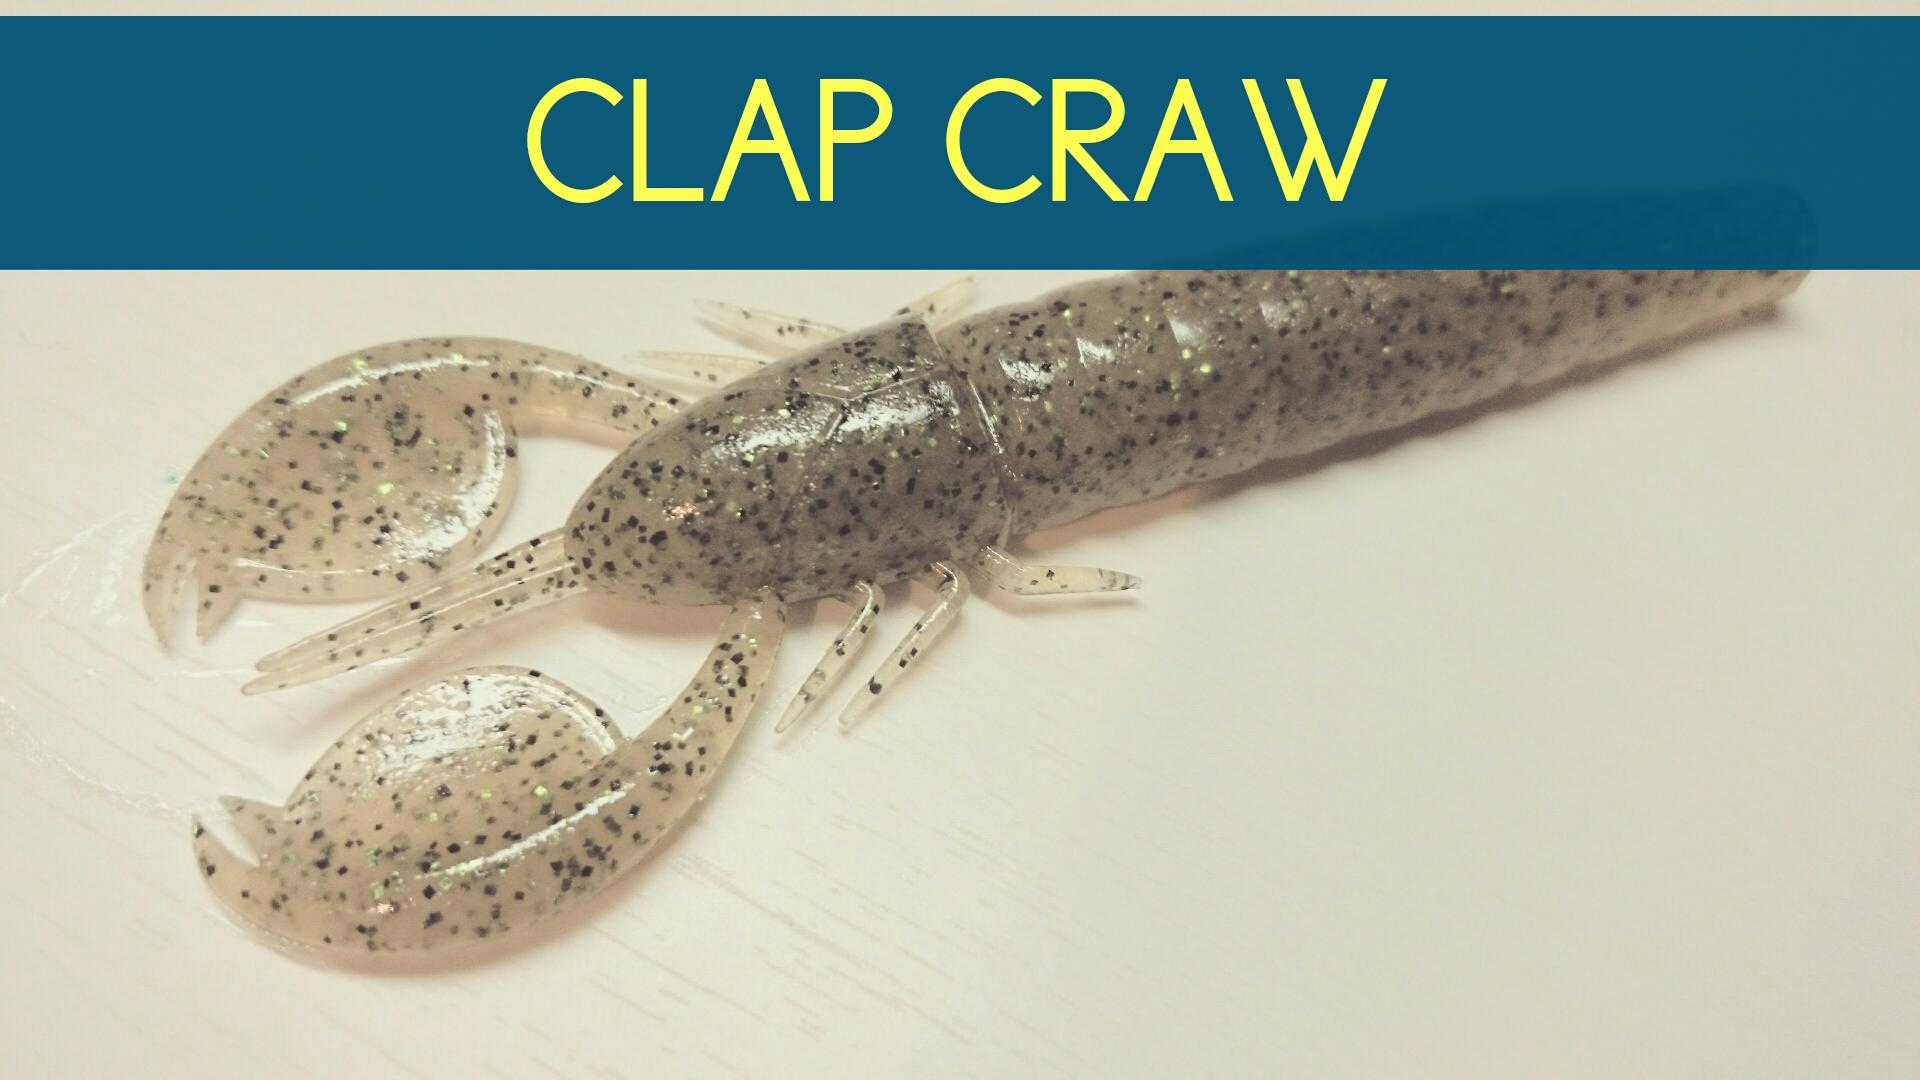 琵琶湖でめっちゃ釣れるというクラップクローの爪に感動した件。